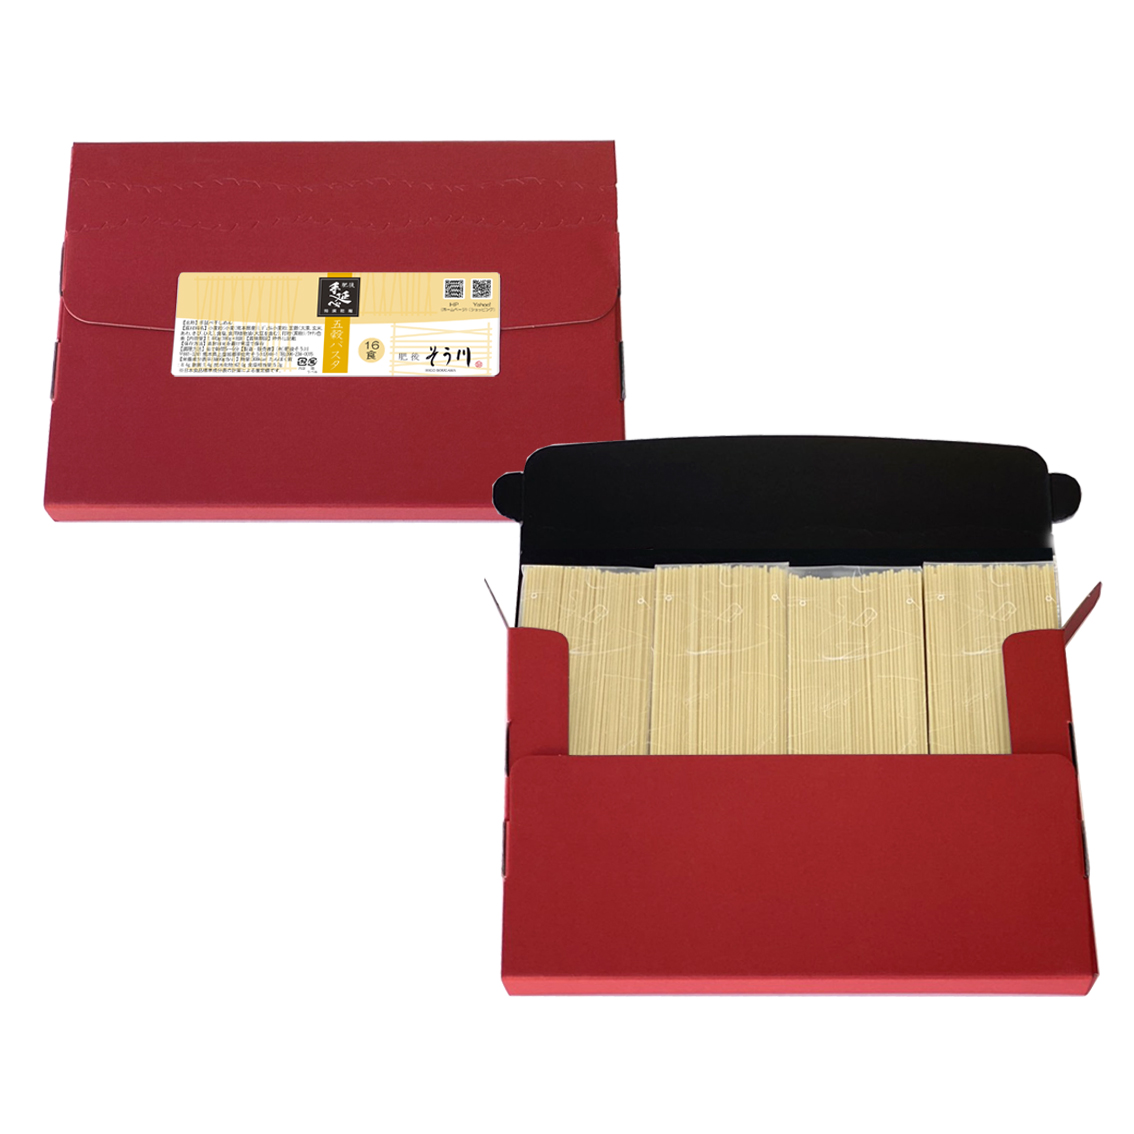 徳用五穀パスタ(ソースなし/8食入)の商品イメージ